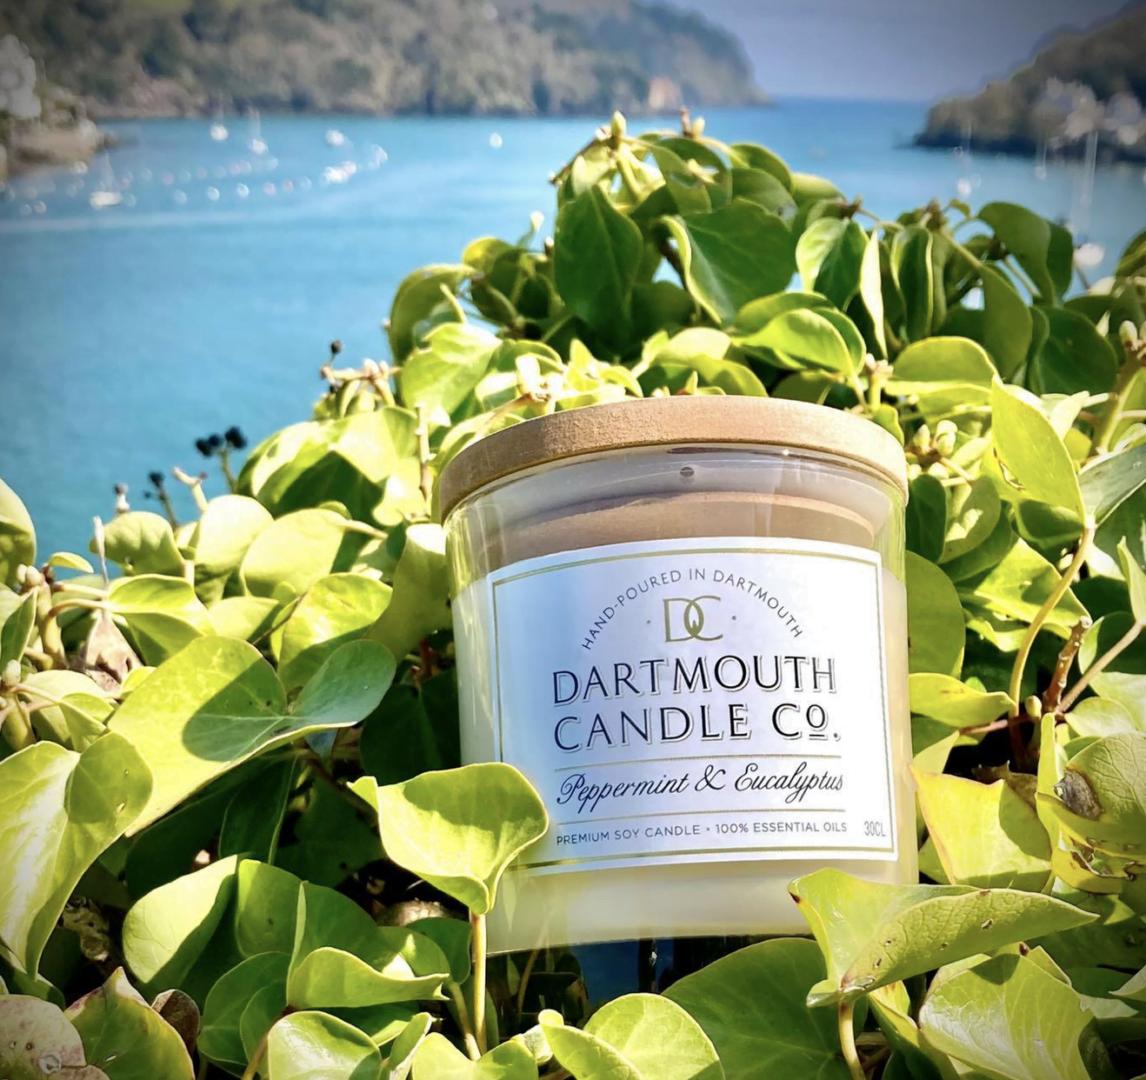 Dartmouth Candle Co